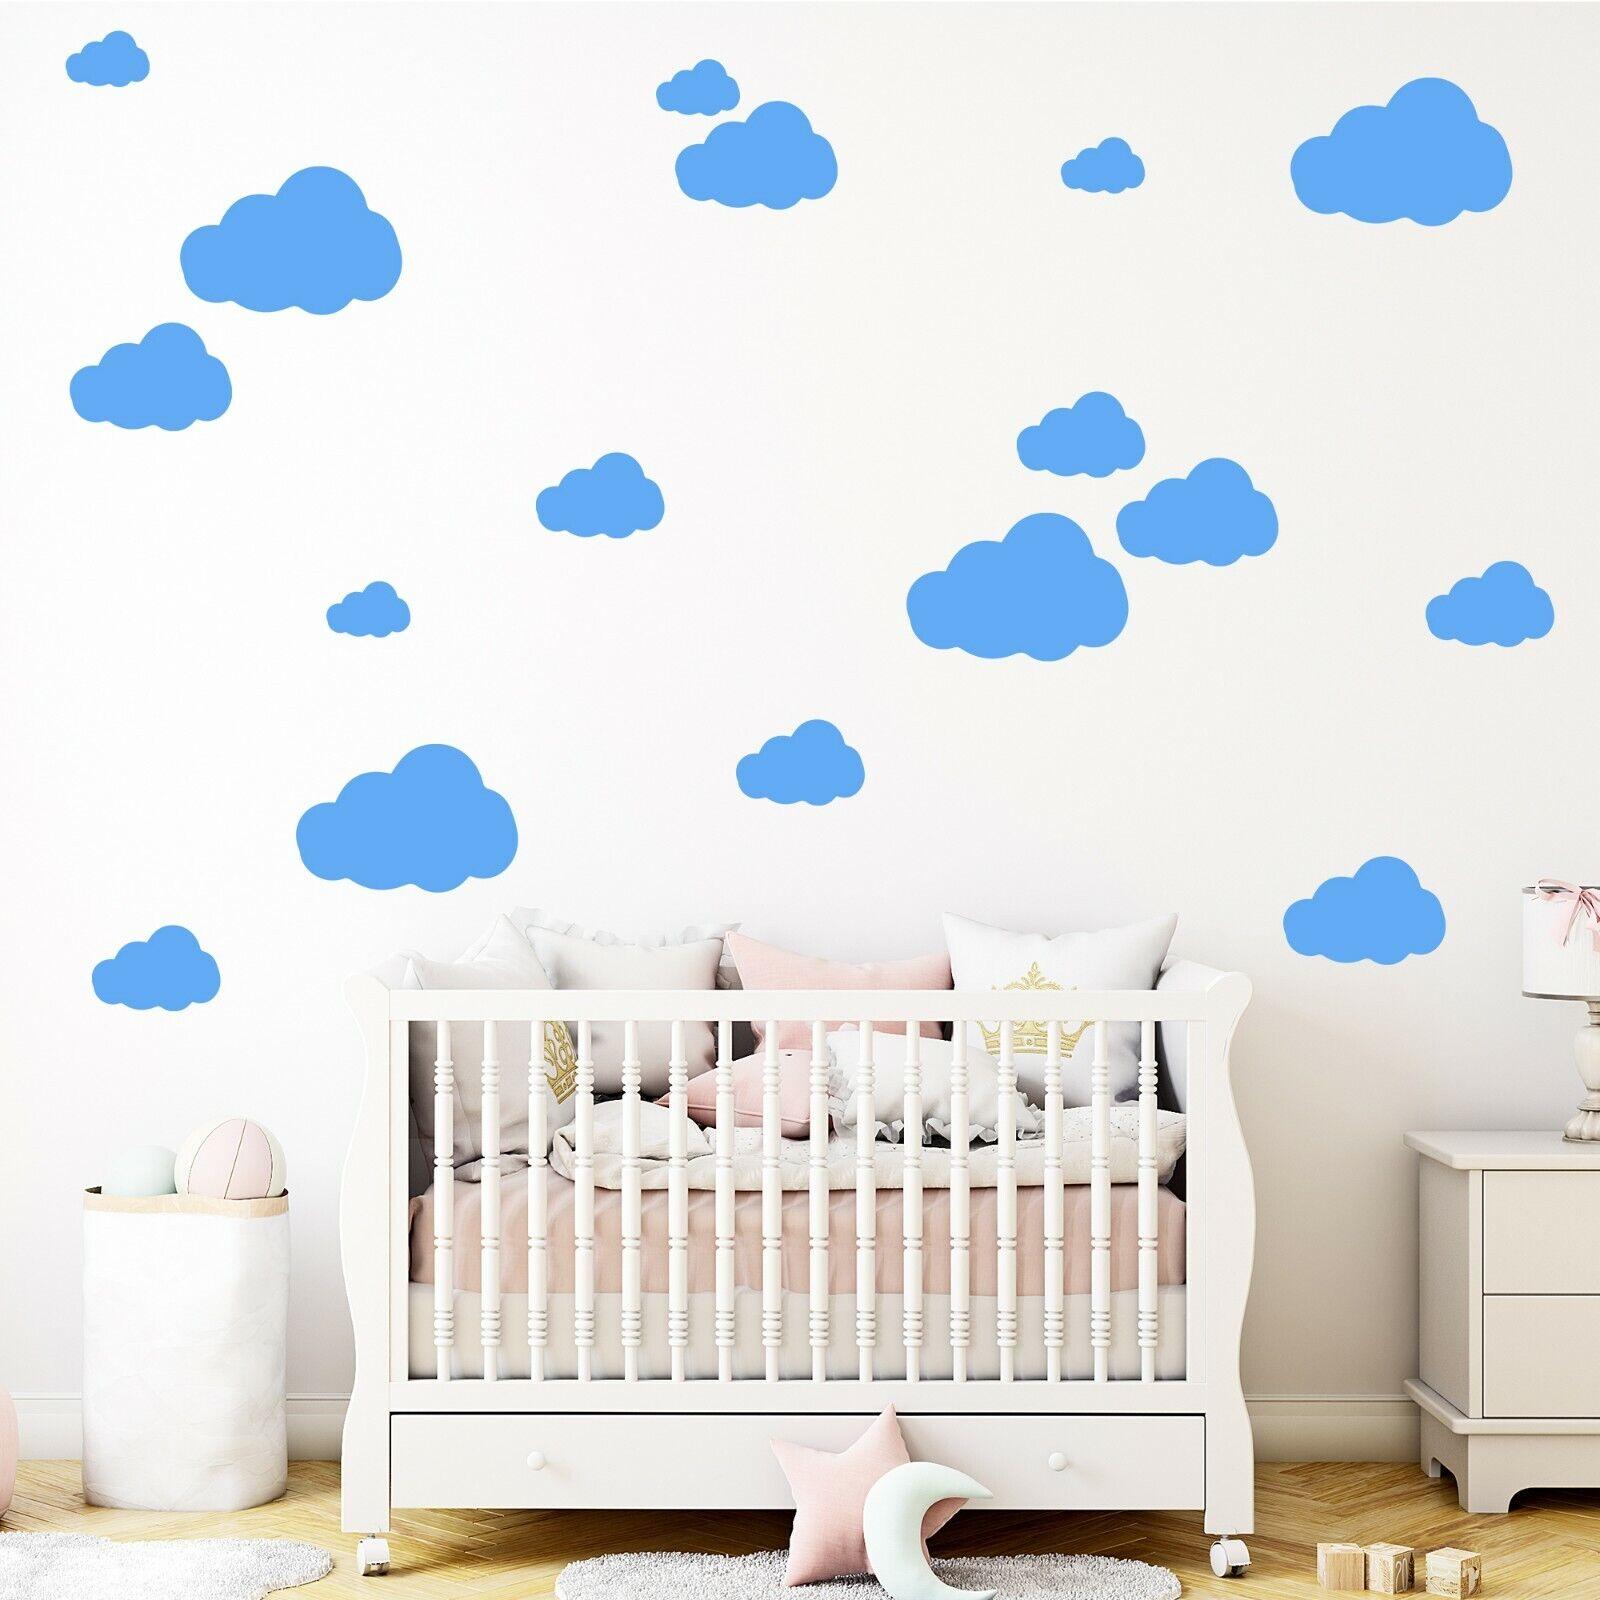 50 Wolken einfarbig Wandtattoo Aufkleber Sticker Wanddeko fürs Kinderzimmer